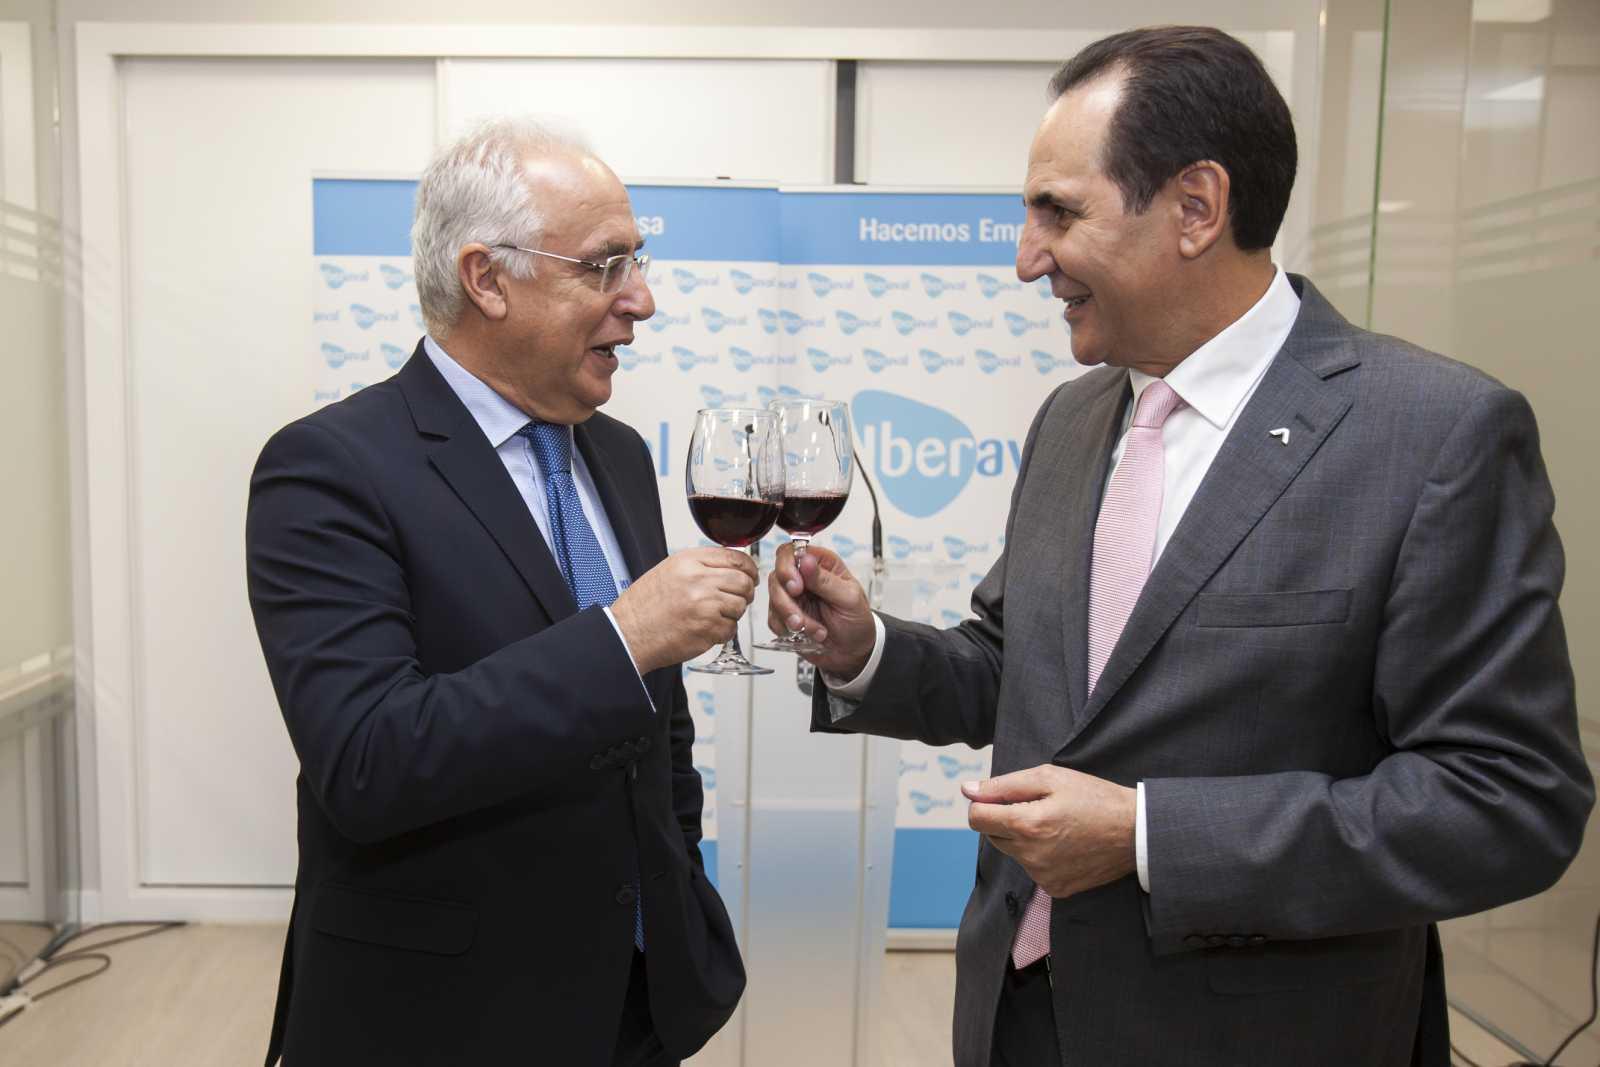 Los presidentes de La Rioja y de Iberaval brindan por la apertura de la nueva oficina de Iberaval